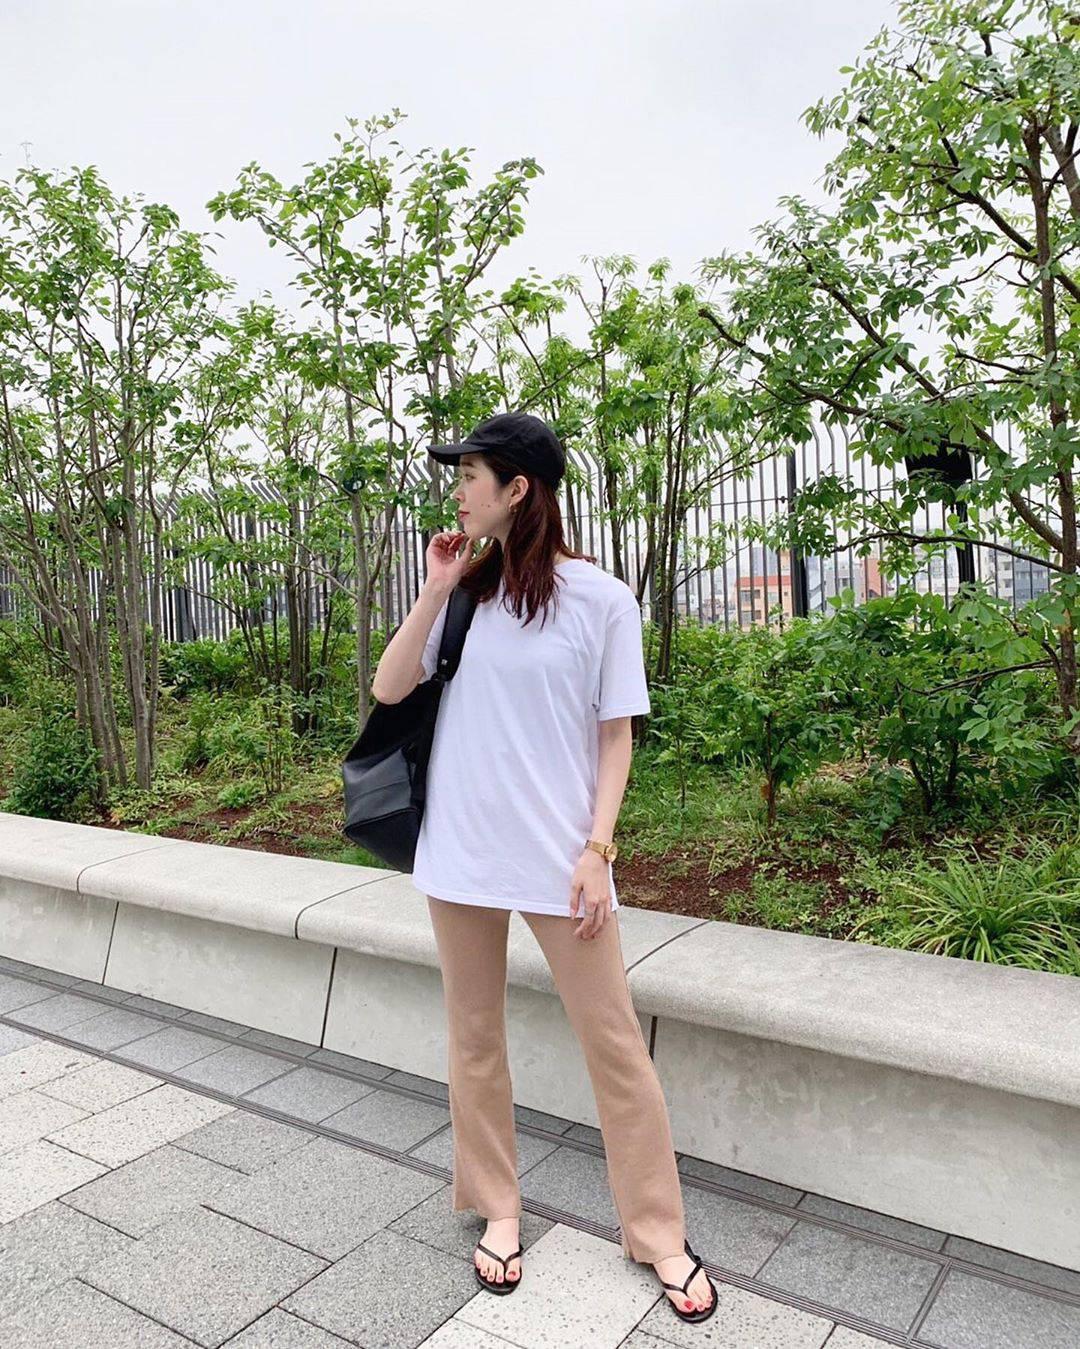 最高気温26度・最低気温20度 hikari_k0122の服装